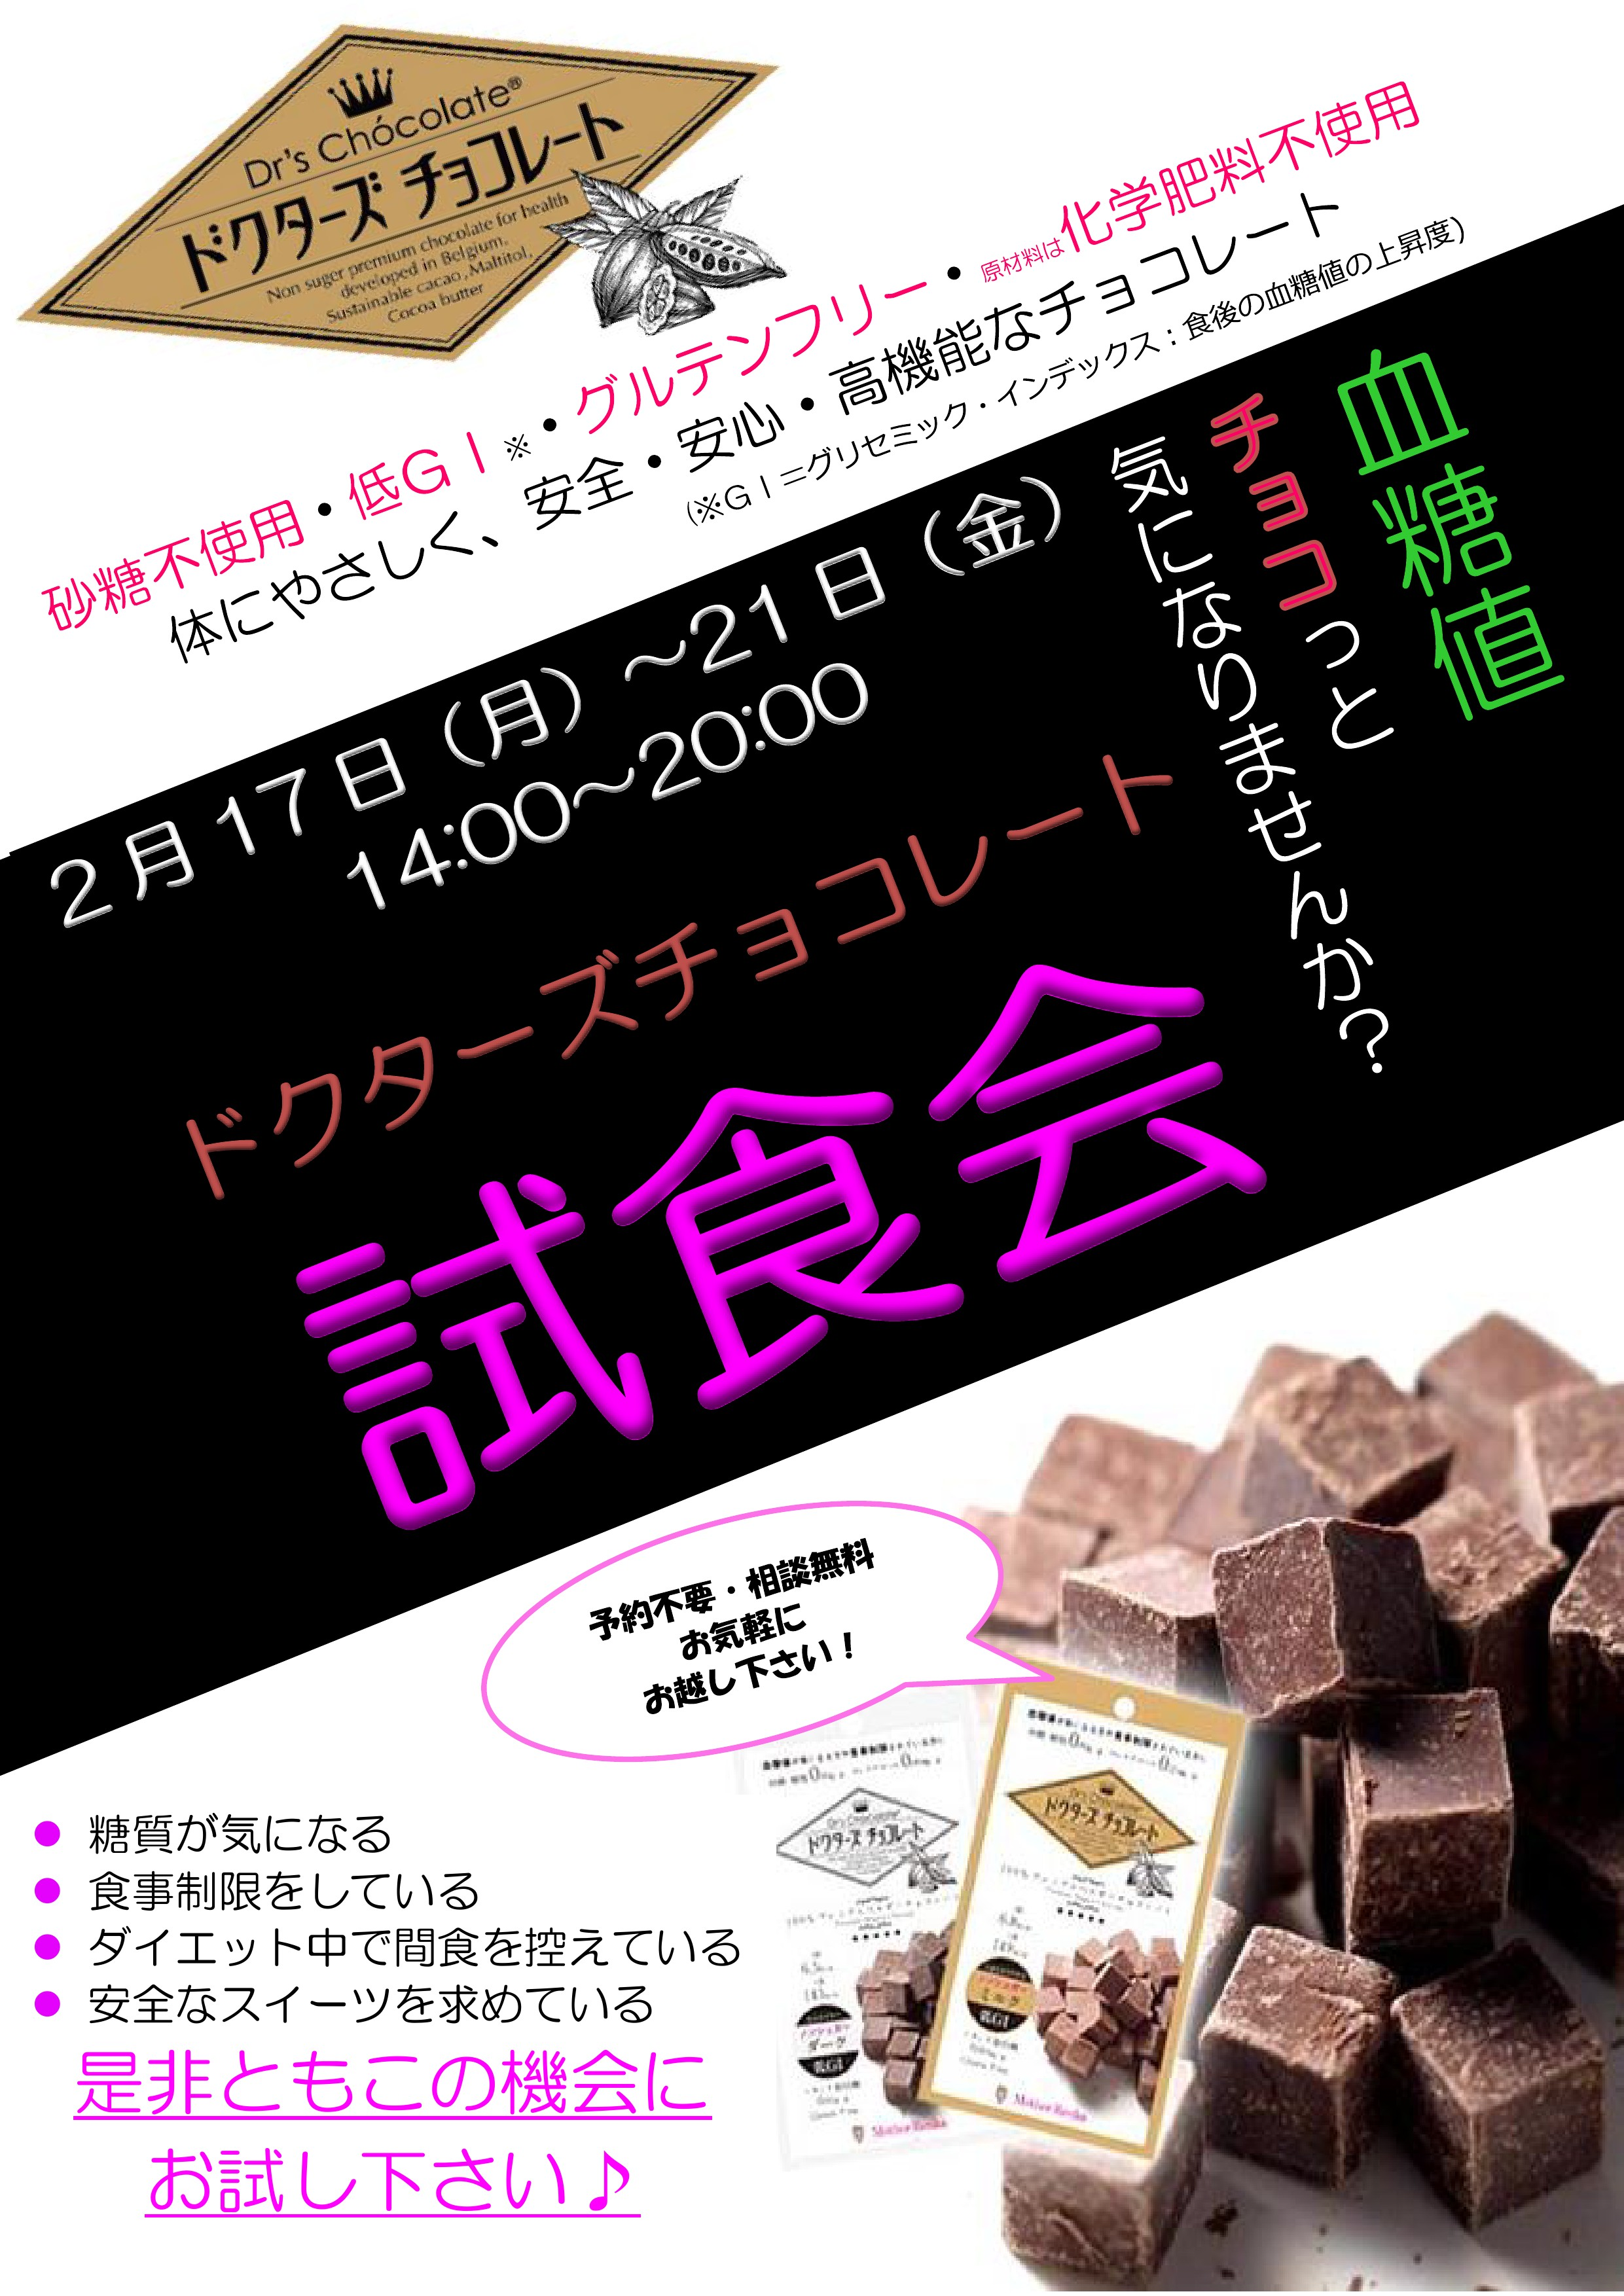 店舗でのイベント 大高店(名古屋市)2月17日~21日(金)   なくなり次第終了